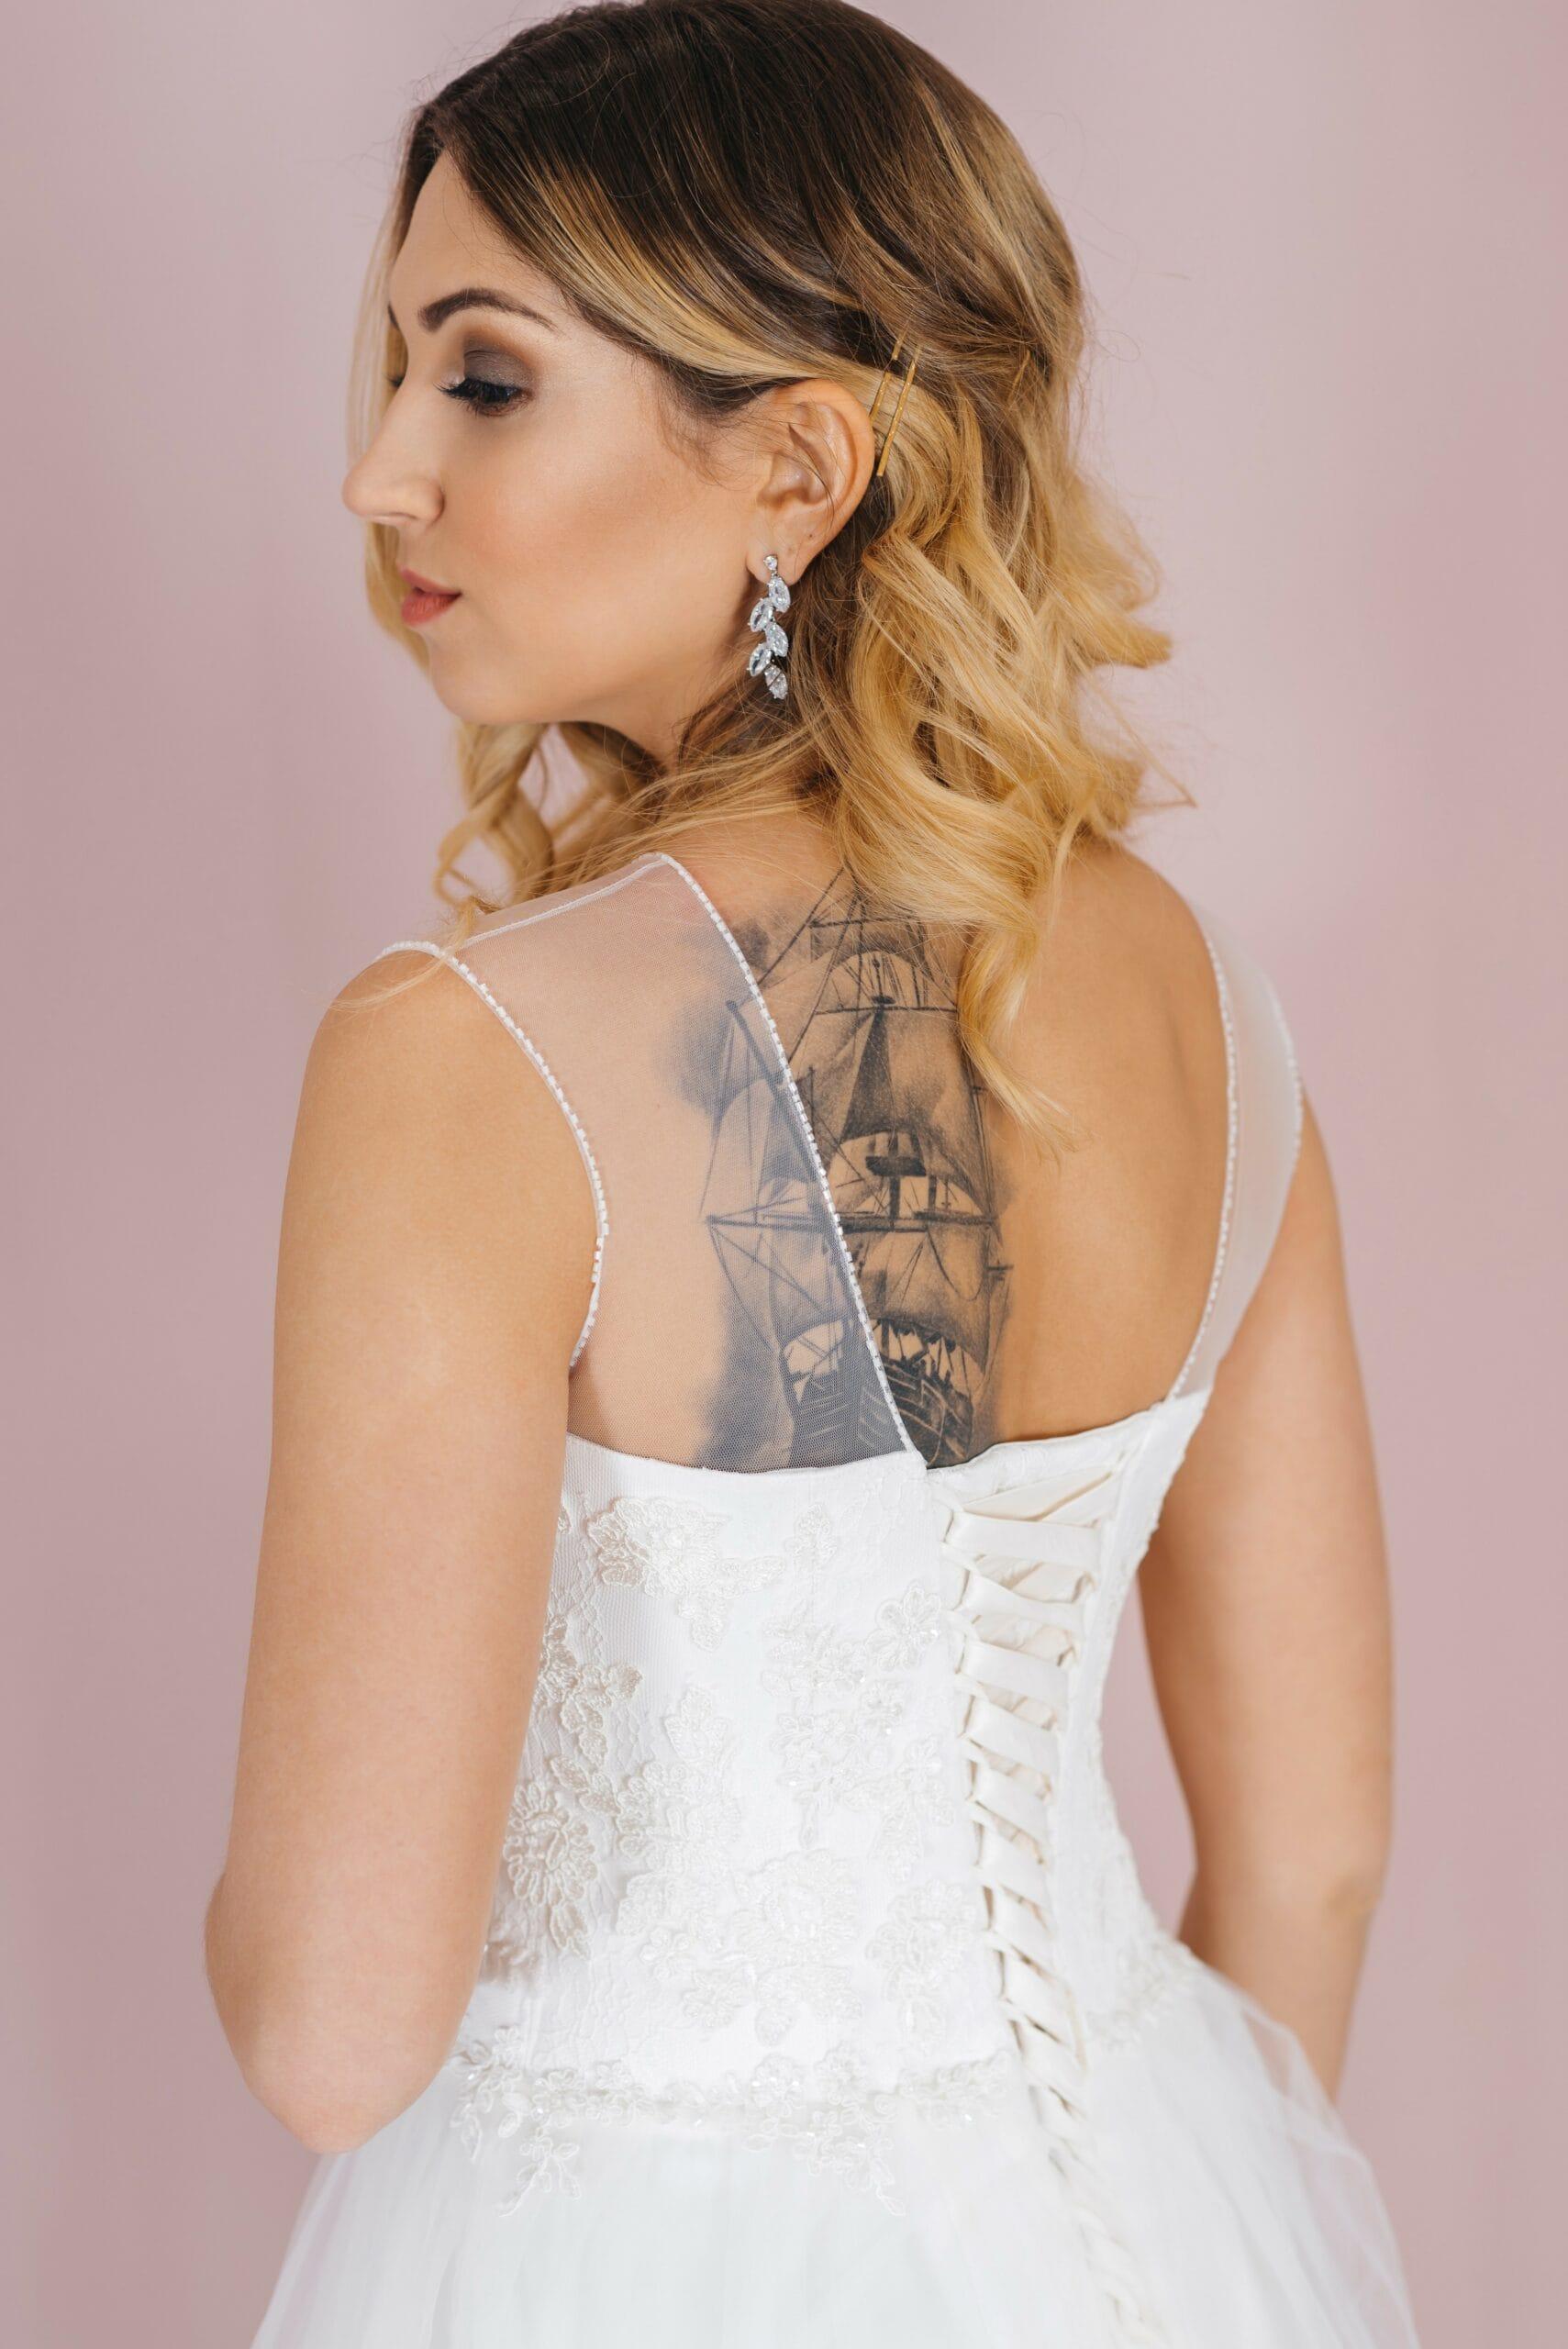 Свадебное платье GRACE, коллекция LOFT, бренд RARE BRIDAL, фото 3